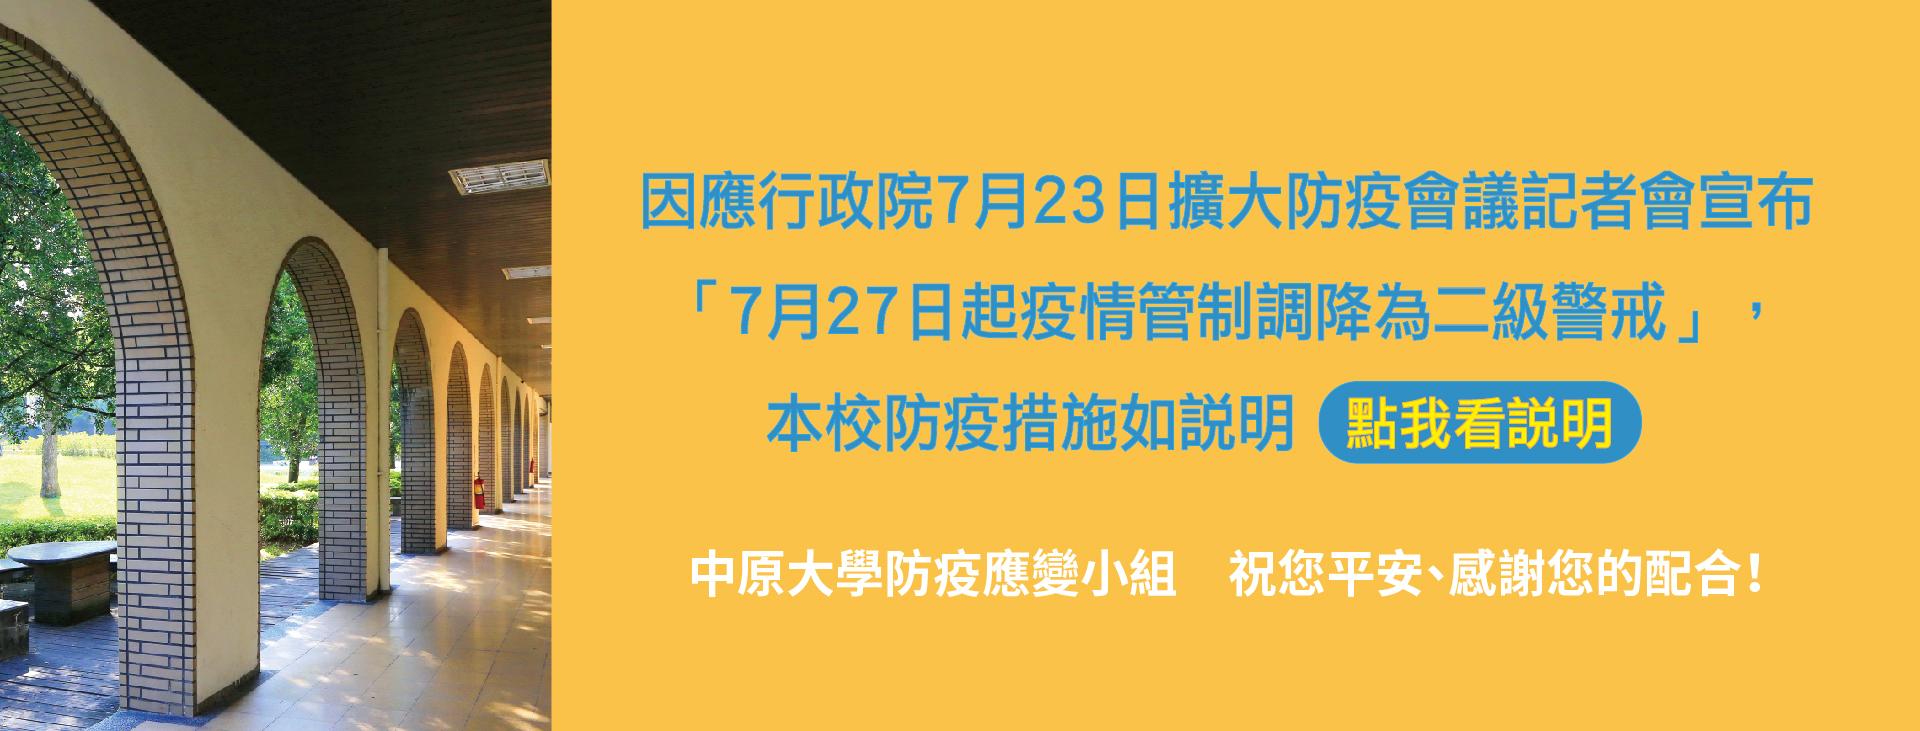 7月27日起疫情管制調降為二級警戒